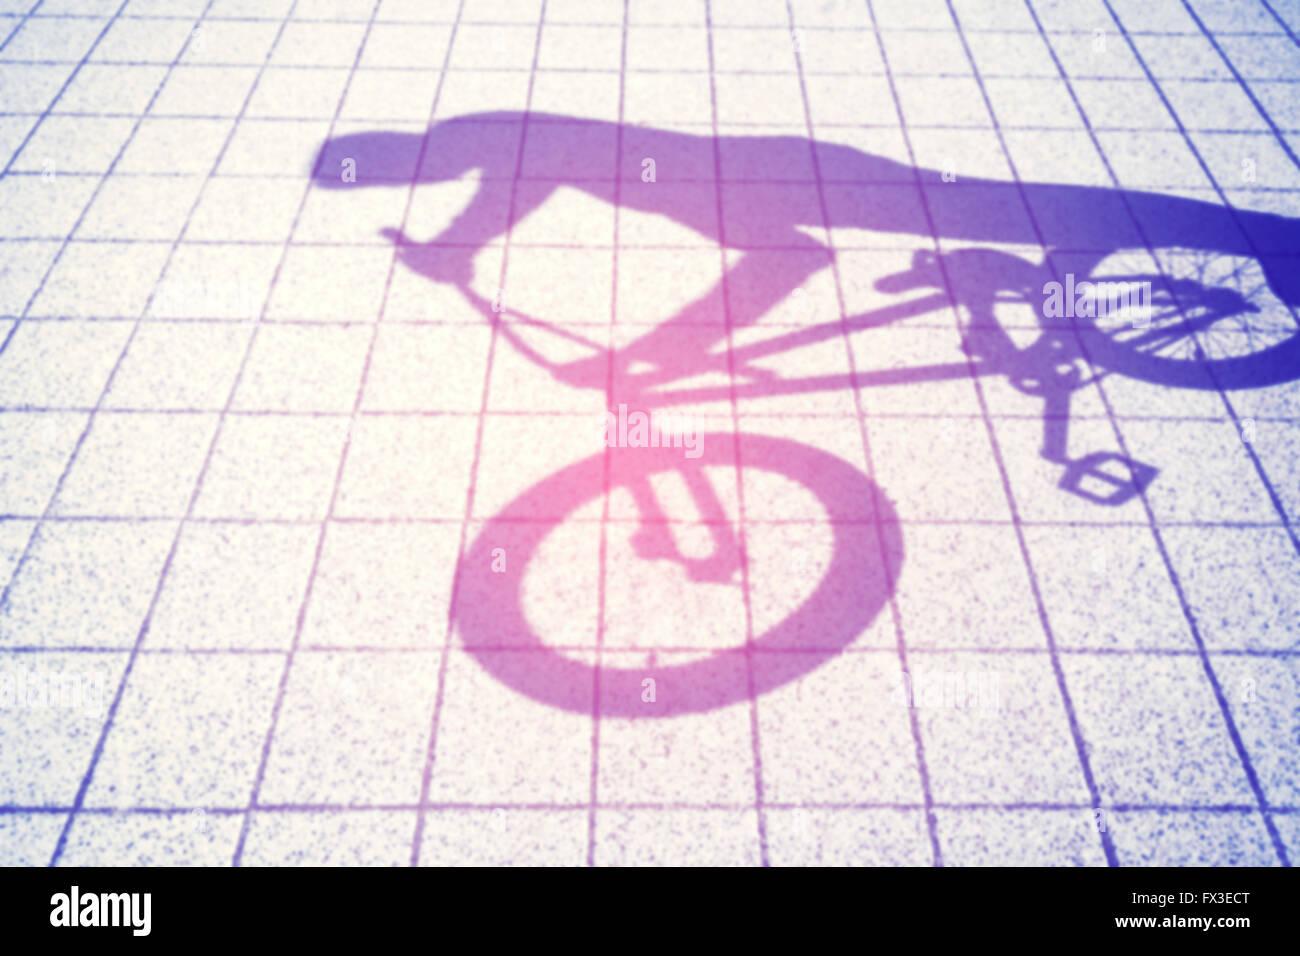 Retrò tonalità ombra sfocata di un adolescente in sella ad una bici BMX. Immagini Stock